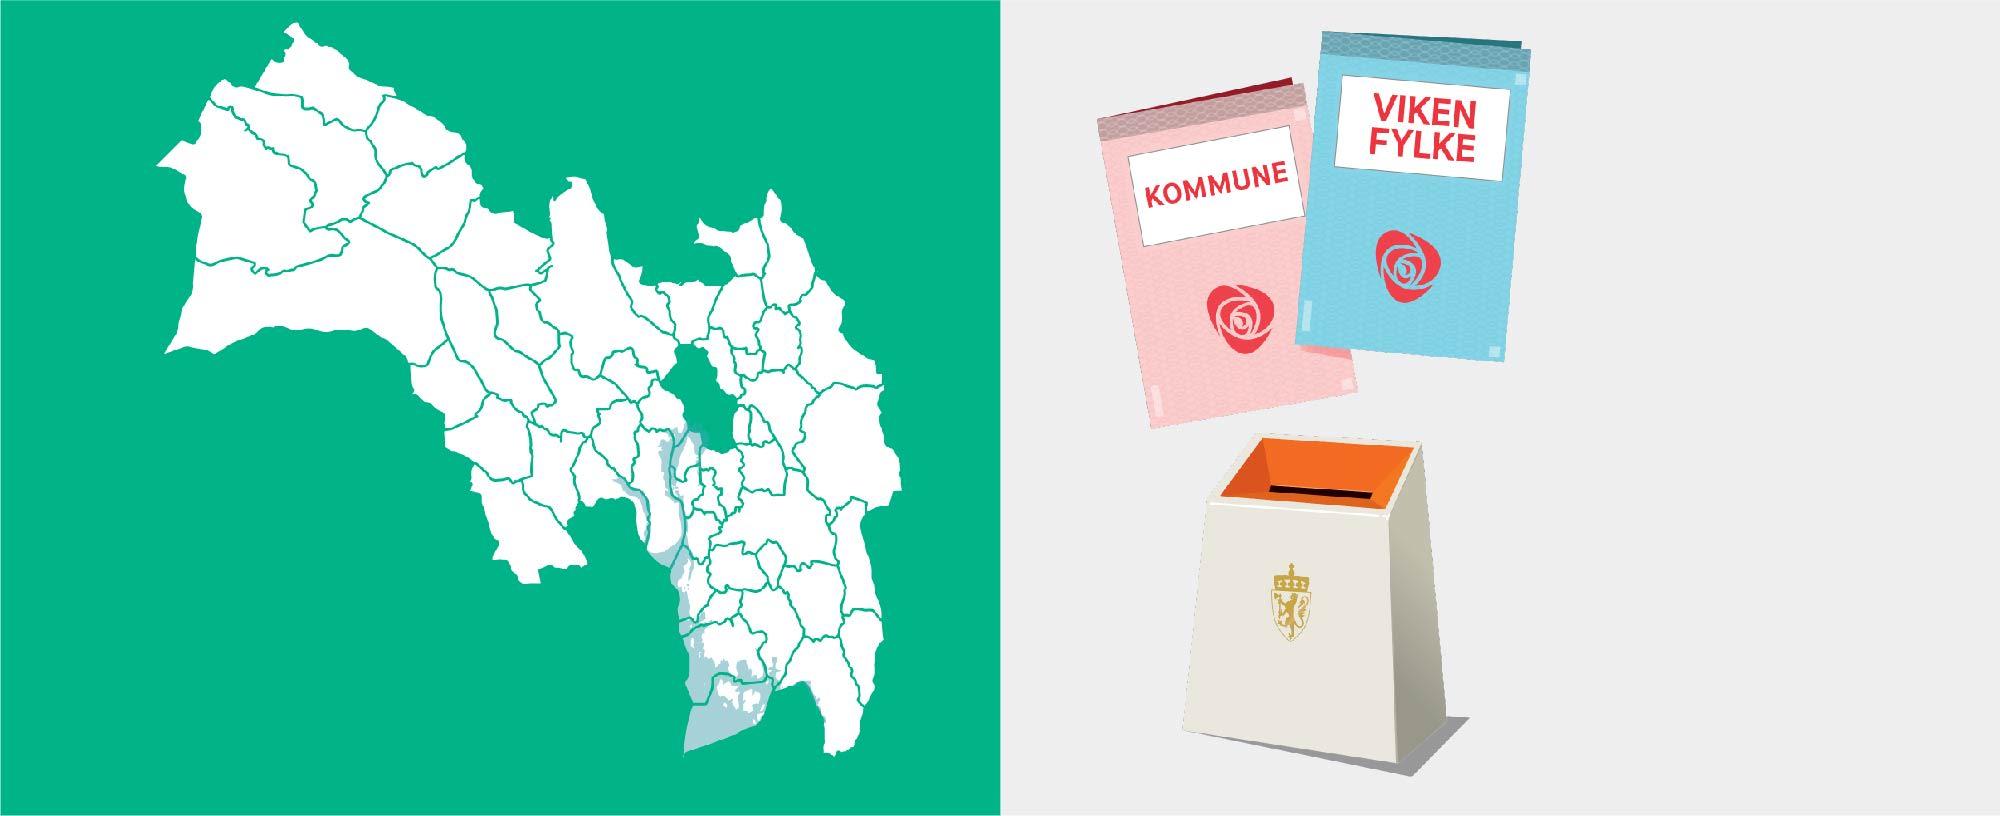 Todelt bilde, venstre side kart over Viken med kommunegrenser og høyre side illustrasjon av stemmesedler og urne.